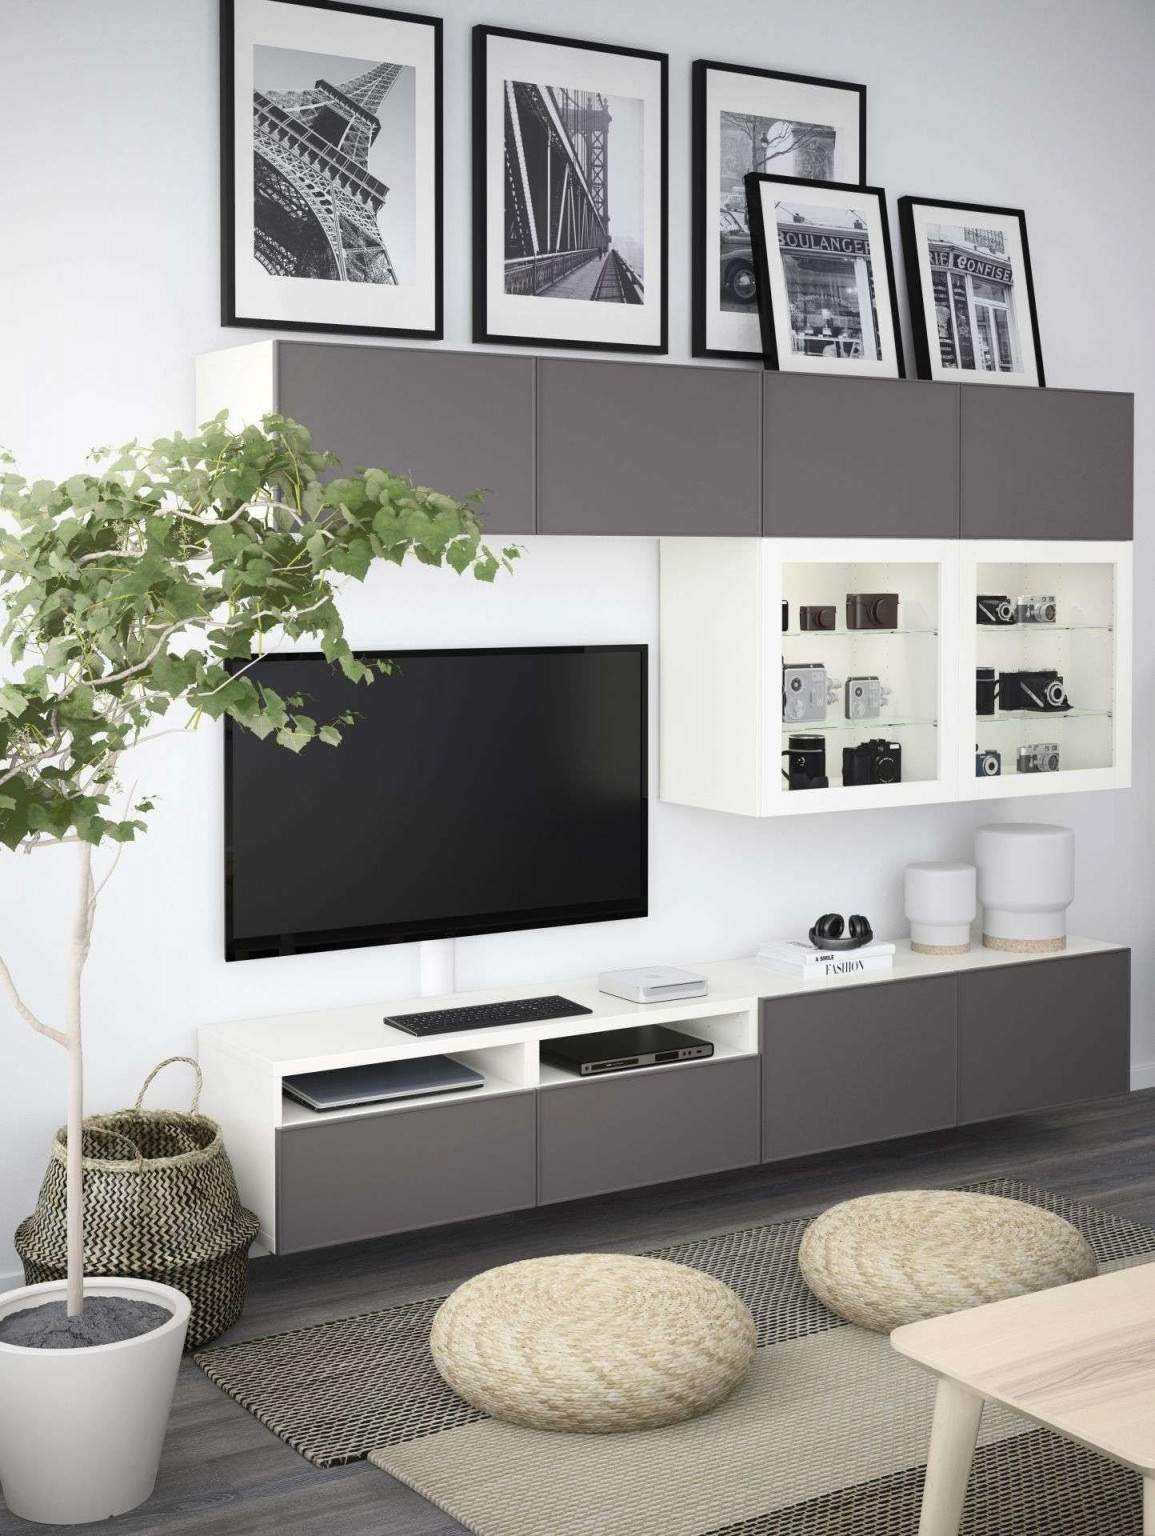 kabelkanal wohnzimmer reizend kabelkanal wohnzimmer ideen oben von se jahre of kabelkanal wohnzimmer